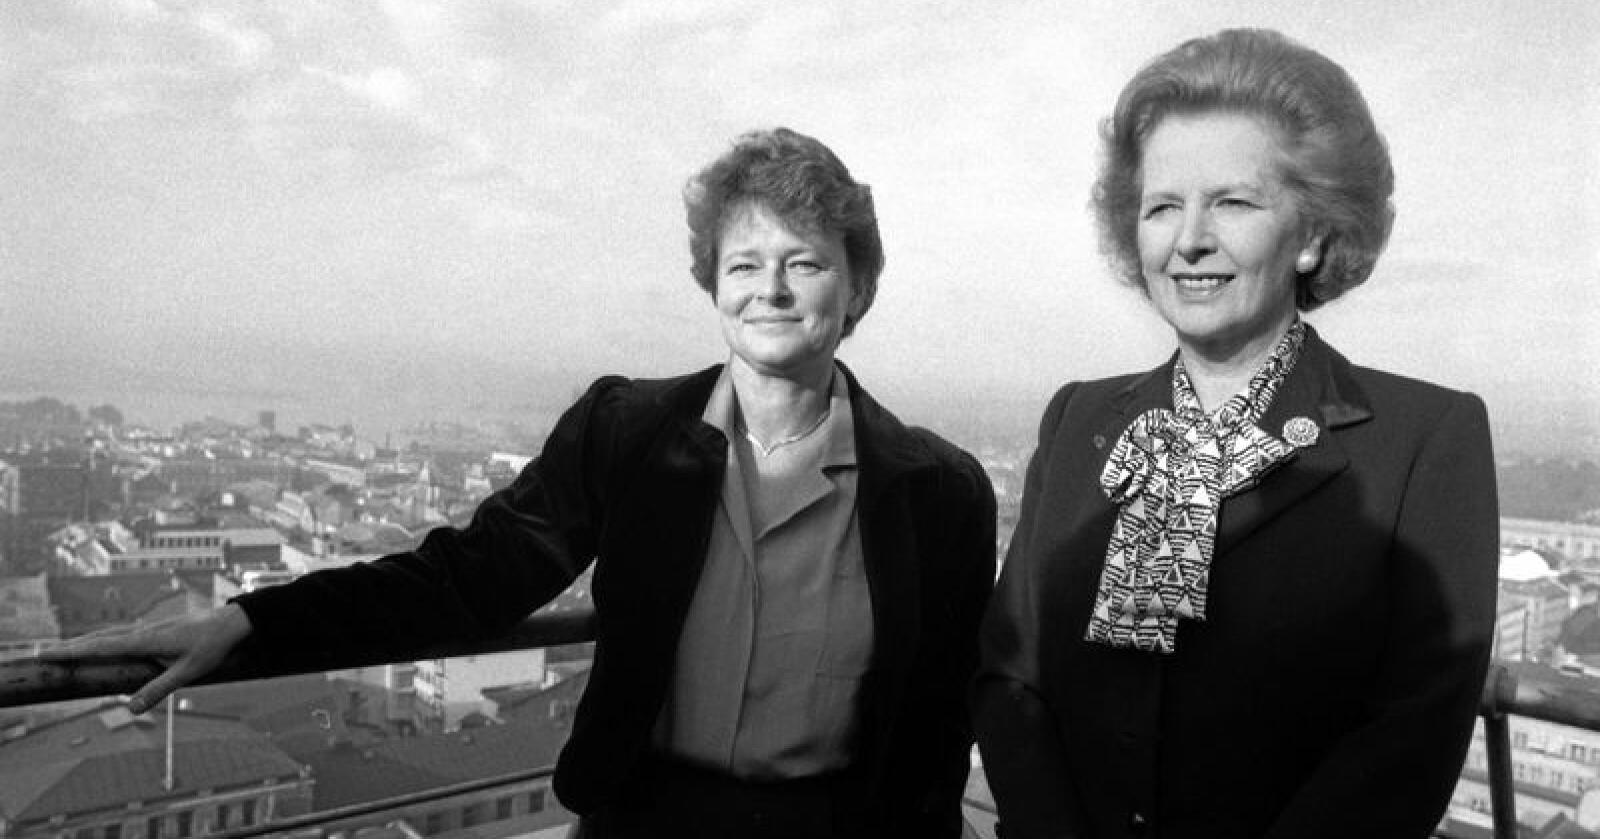 Oslo 1986: Statsministrene Margaret Thatcher og Gro Harlem Brundtland (t.v.). Seks år senere hevdet Brundtland at Thatcher hadde grunn til å frykte «sniksosialisering» av EU. Her på toppen av Regjeringbygget. Foto: Jens Kvale NTB / Scanpix